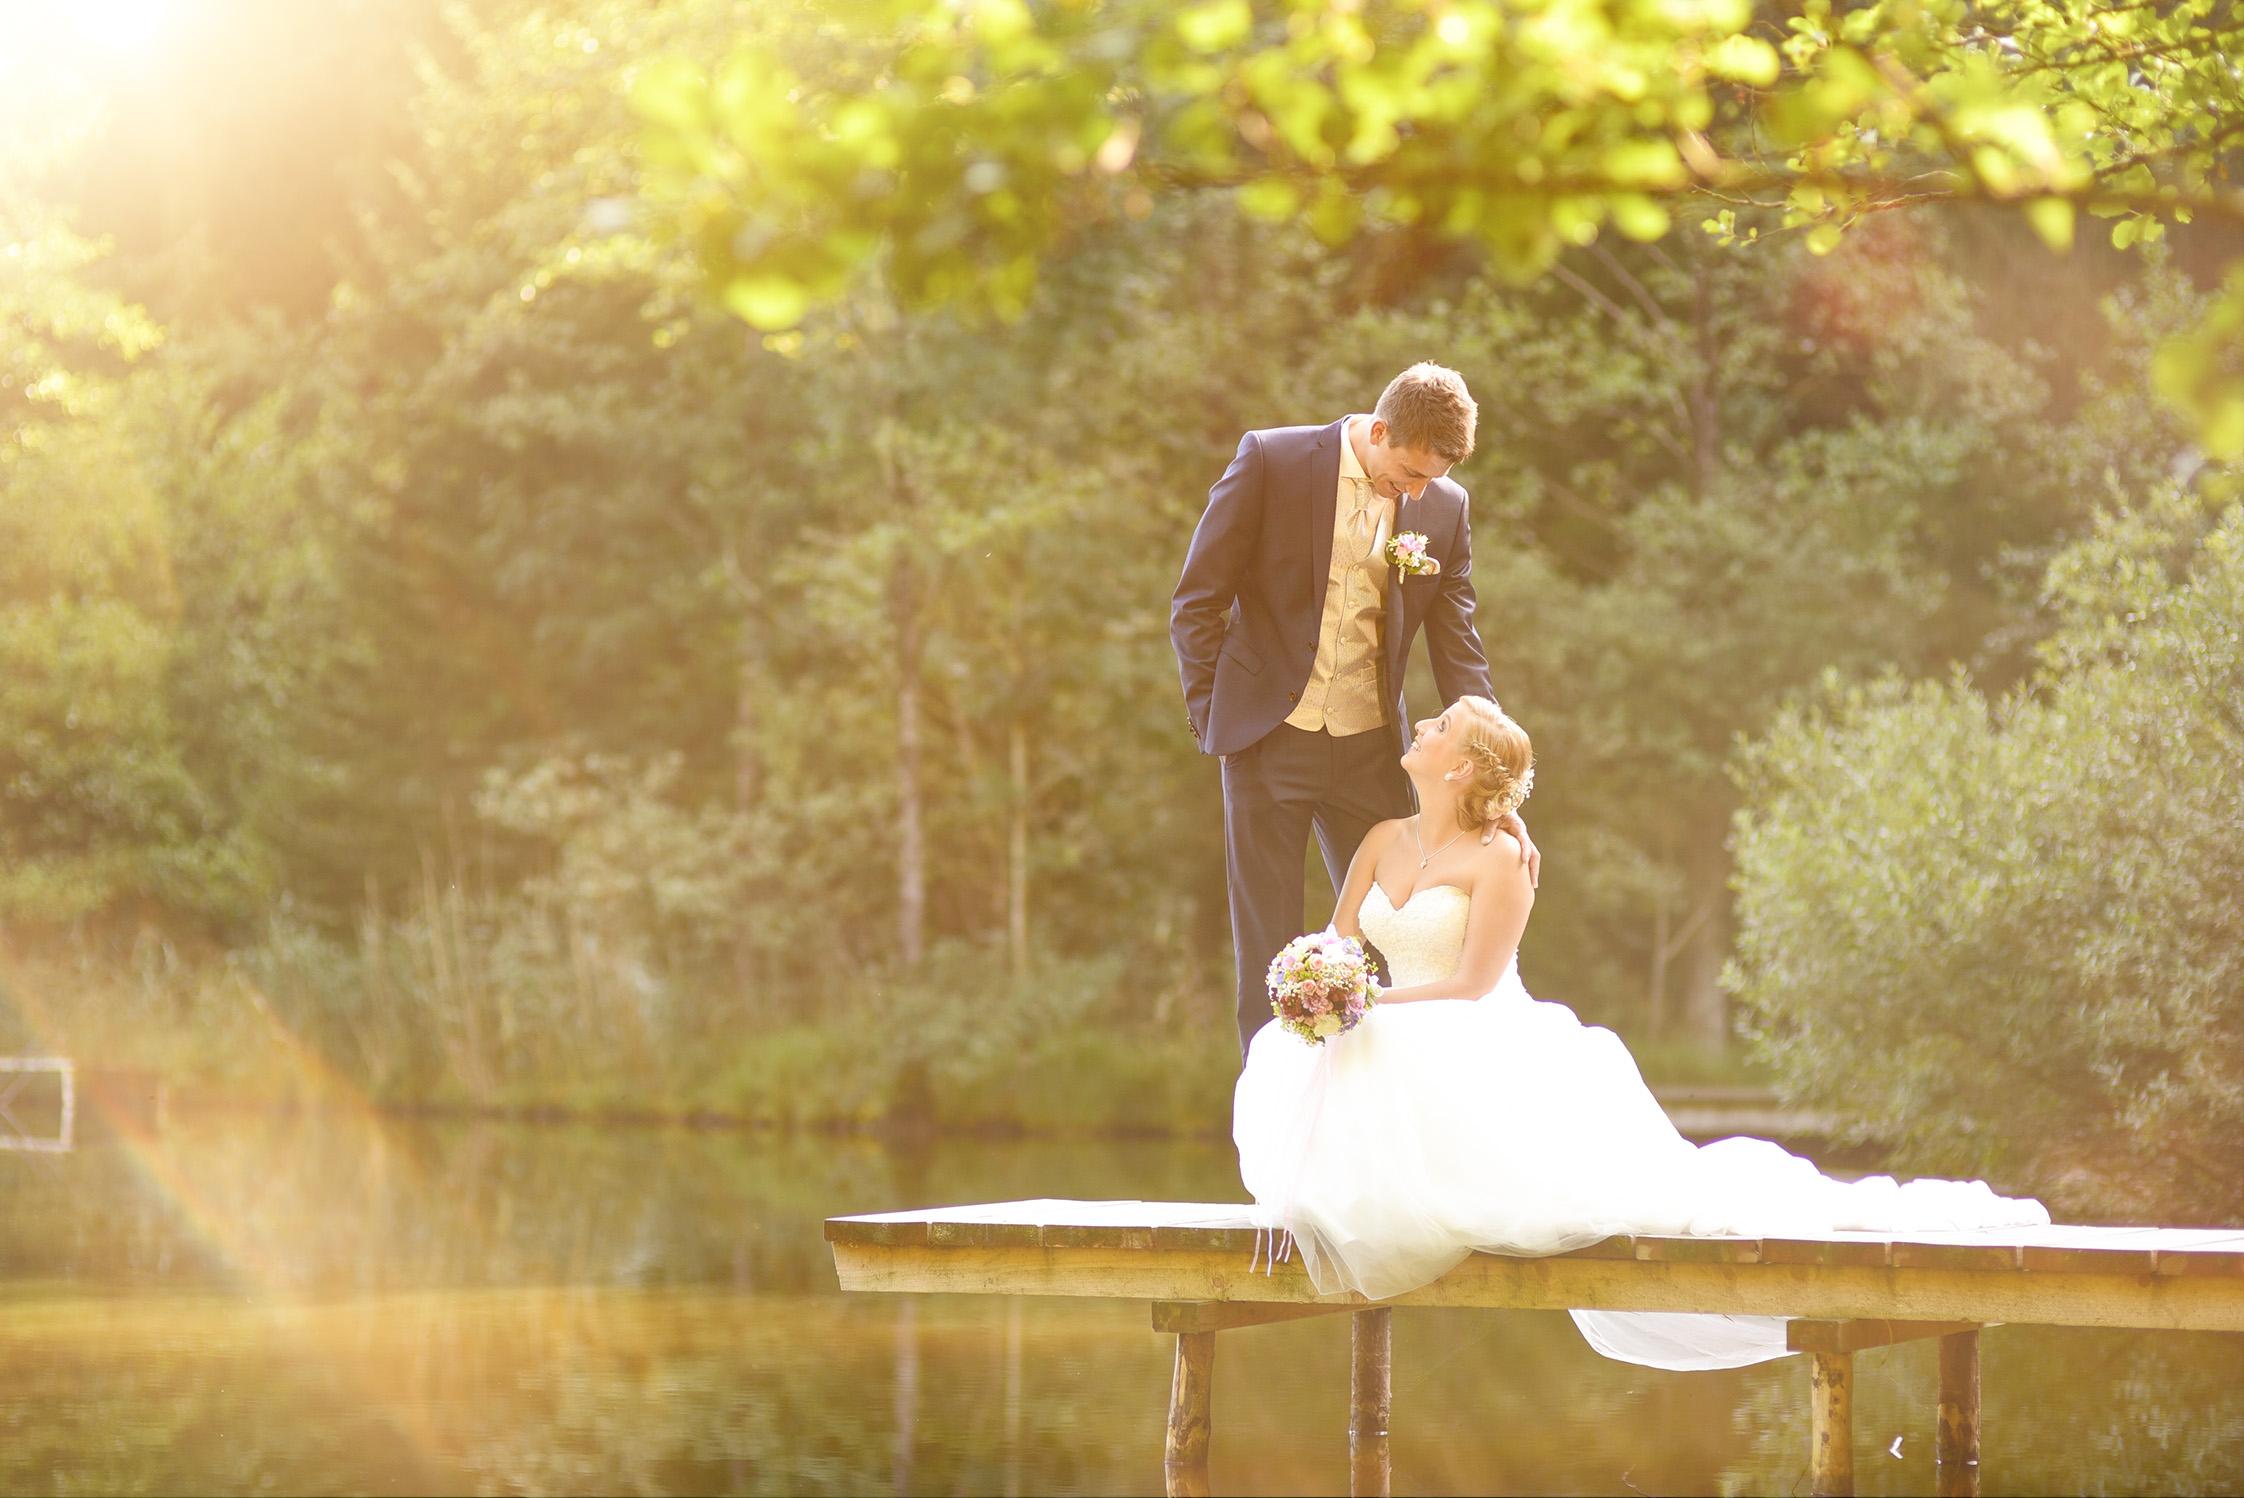 Hochzeitsfotograf PD Huber Tobias Hochzeit Photodesign -01